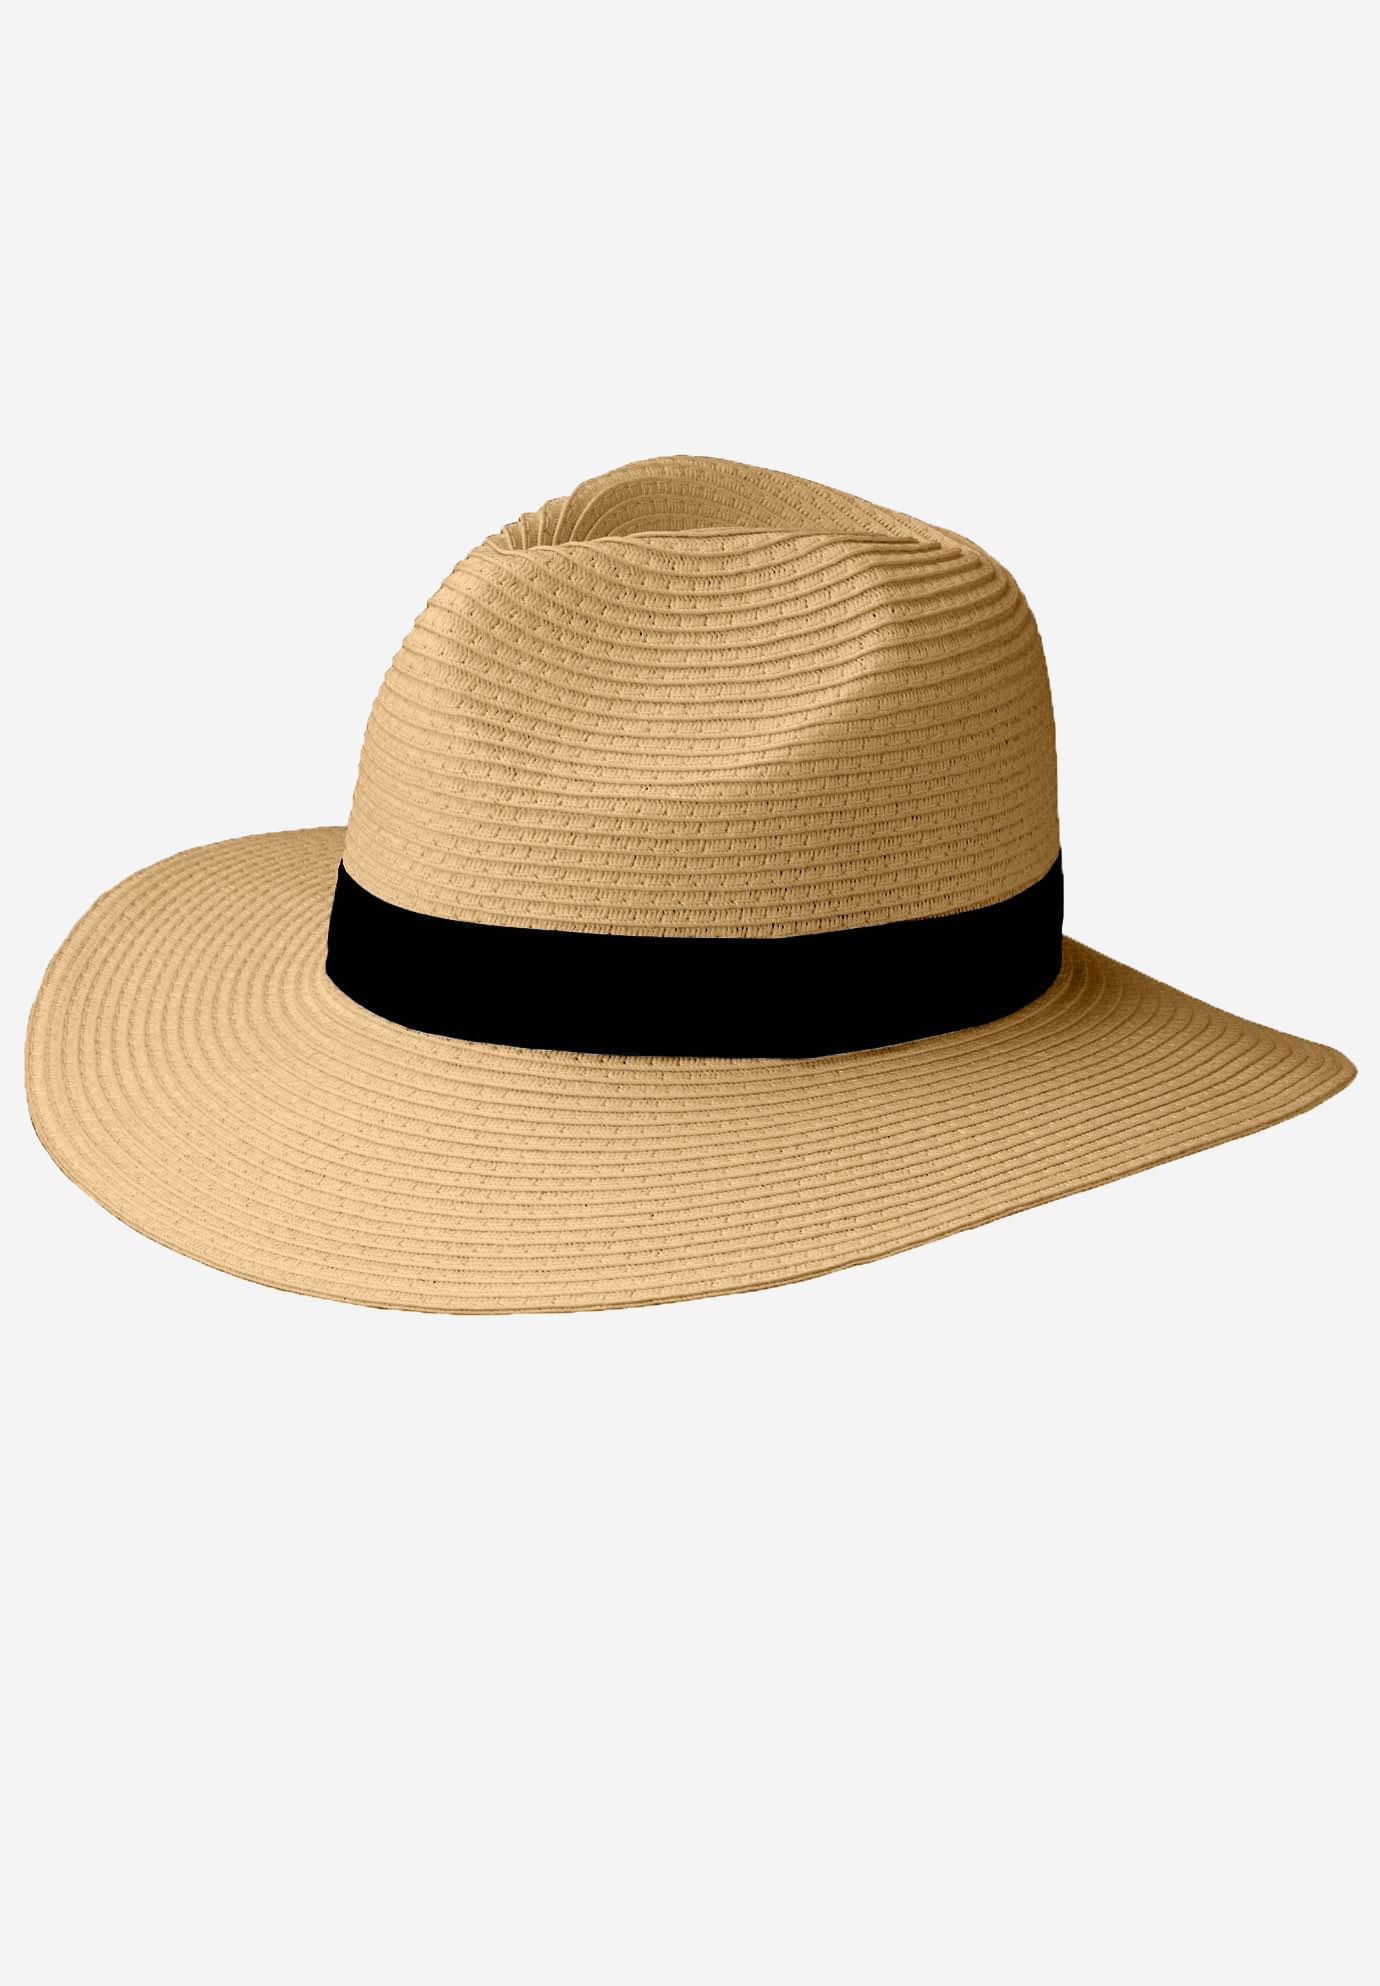 Straw panama hat ellos plus size accessories ellos jpg 1380x1986 Panama hat 08ac1c5f8489